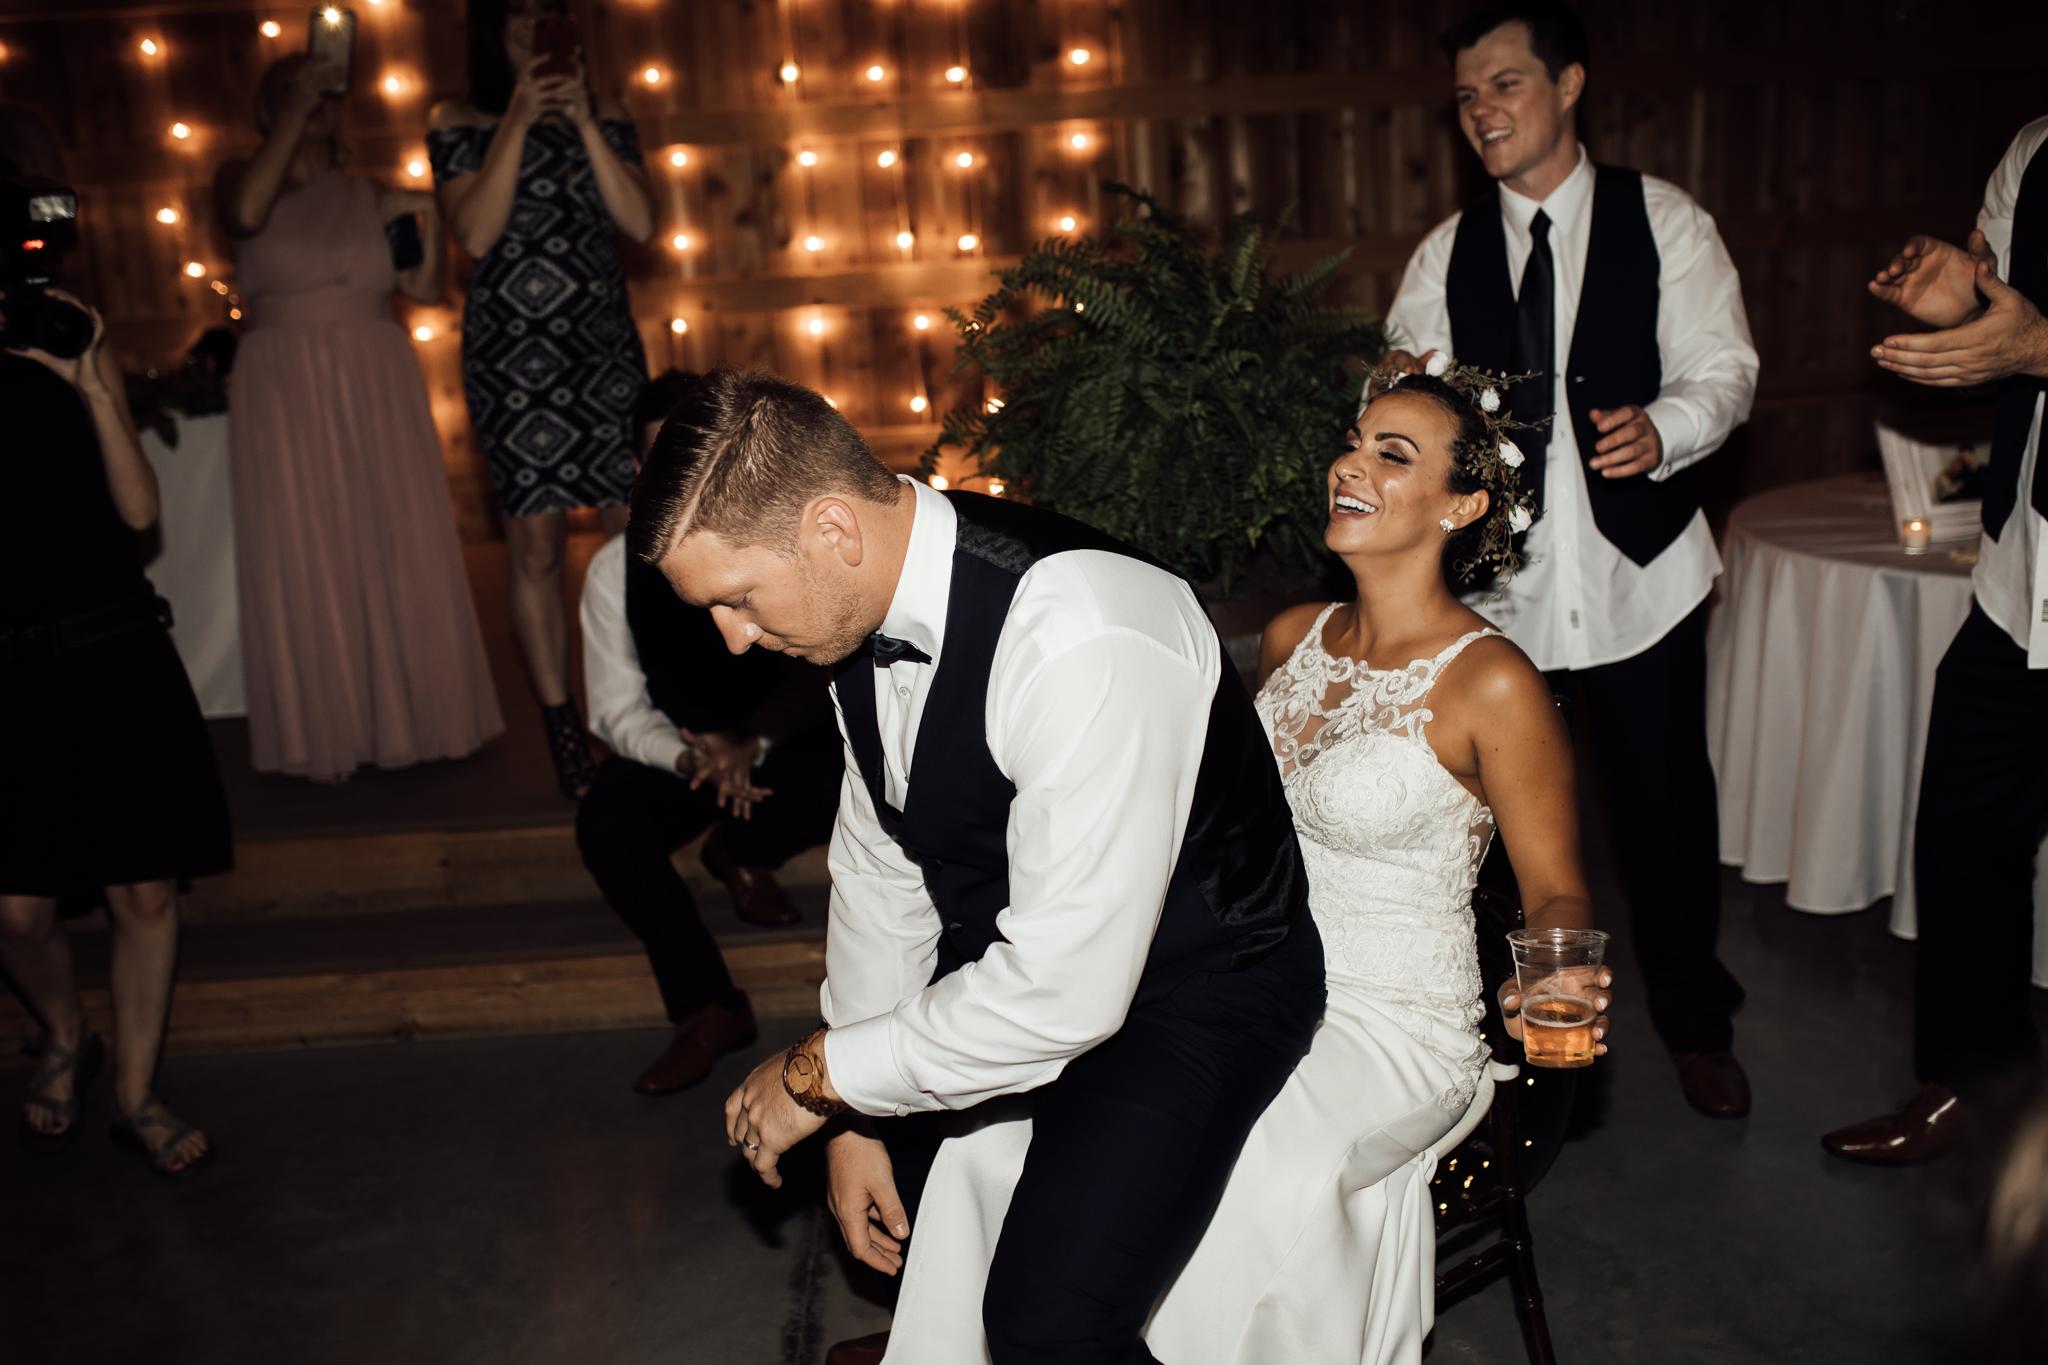 saddlewoodsfarms-nashville-wedding-photographer-thewarmtharoundyou-rustic-wedding (230 of 251).jpg